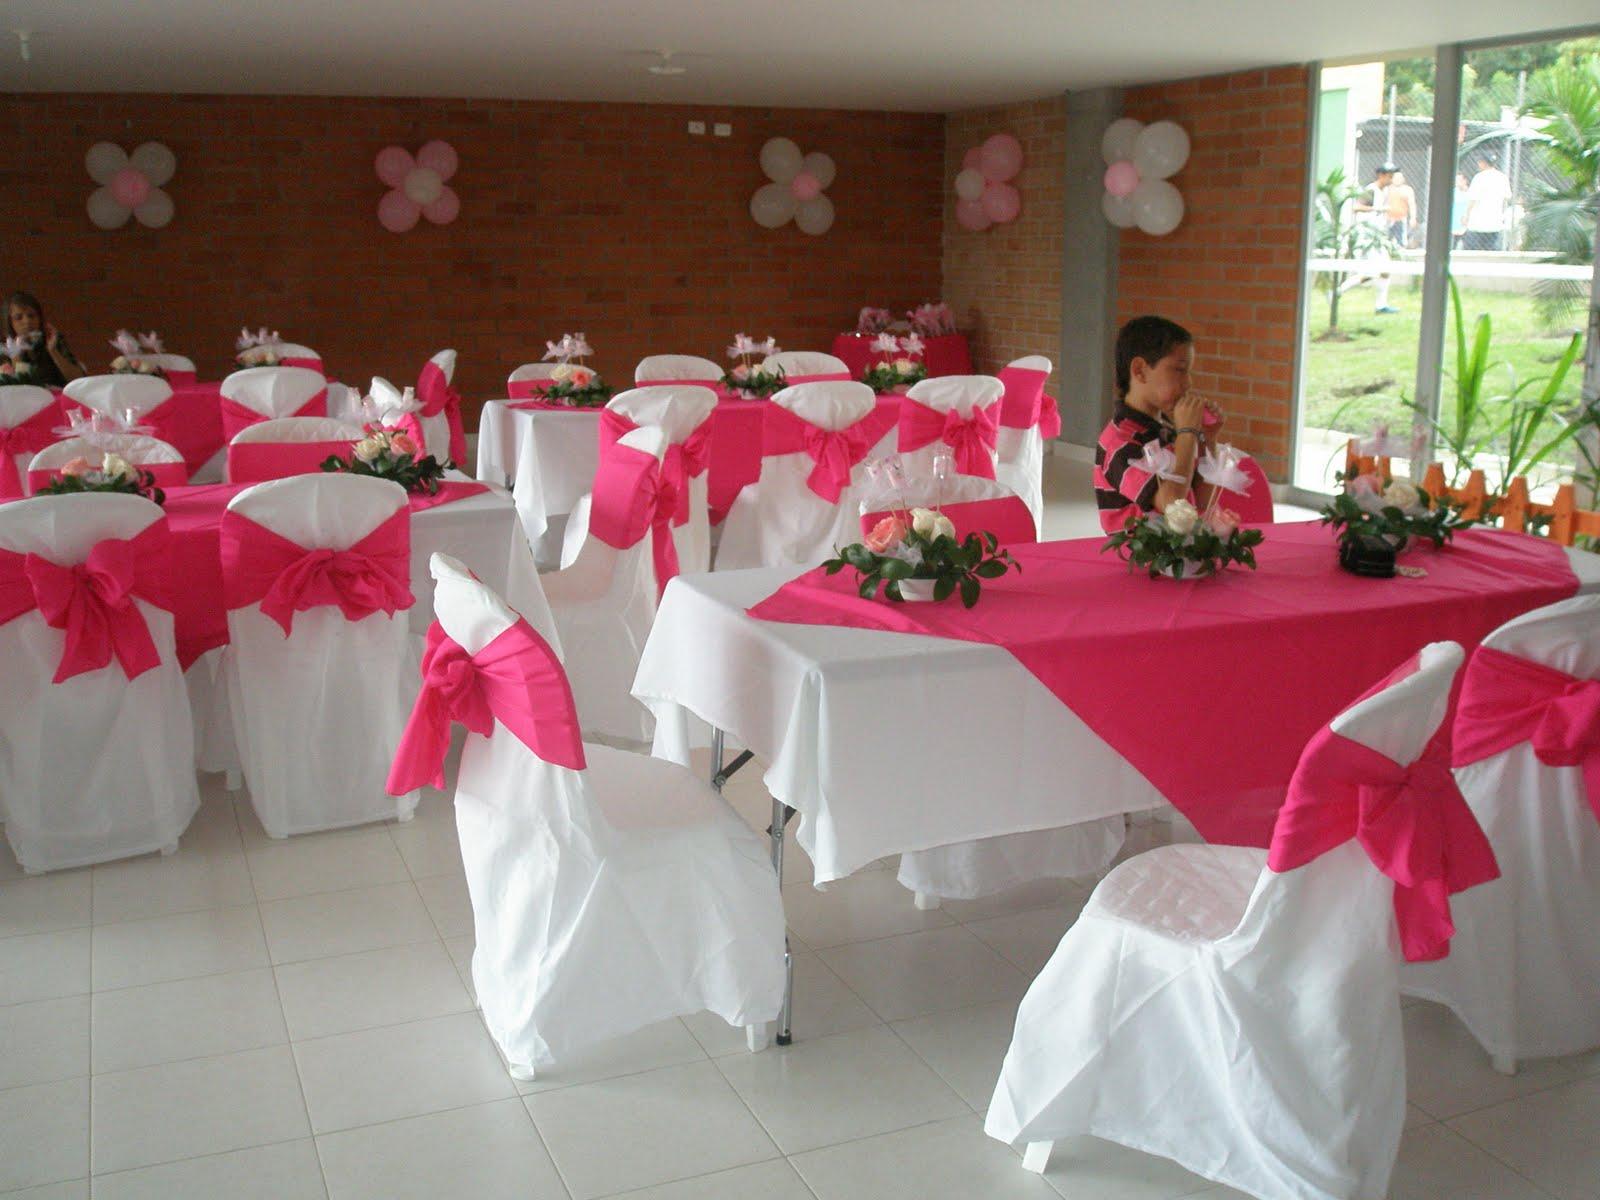 Manteles y forros para sus fiestas - Imagenes de mesas con manteles ...